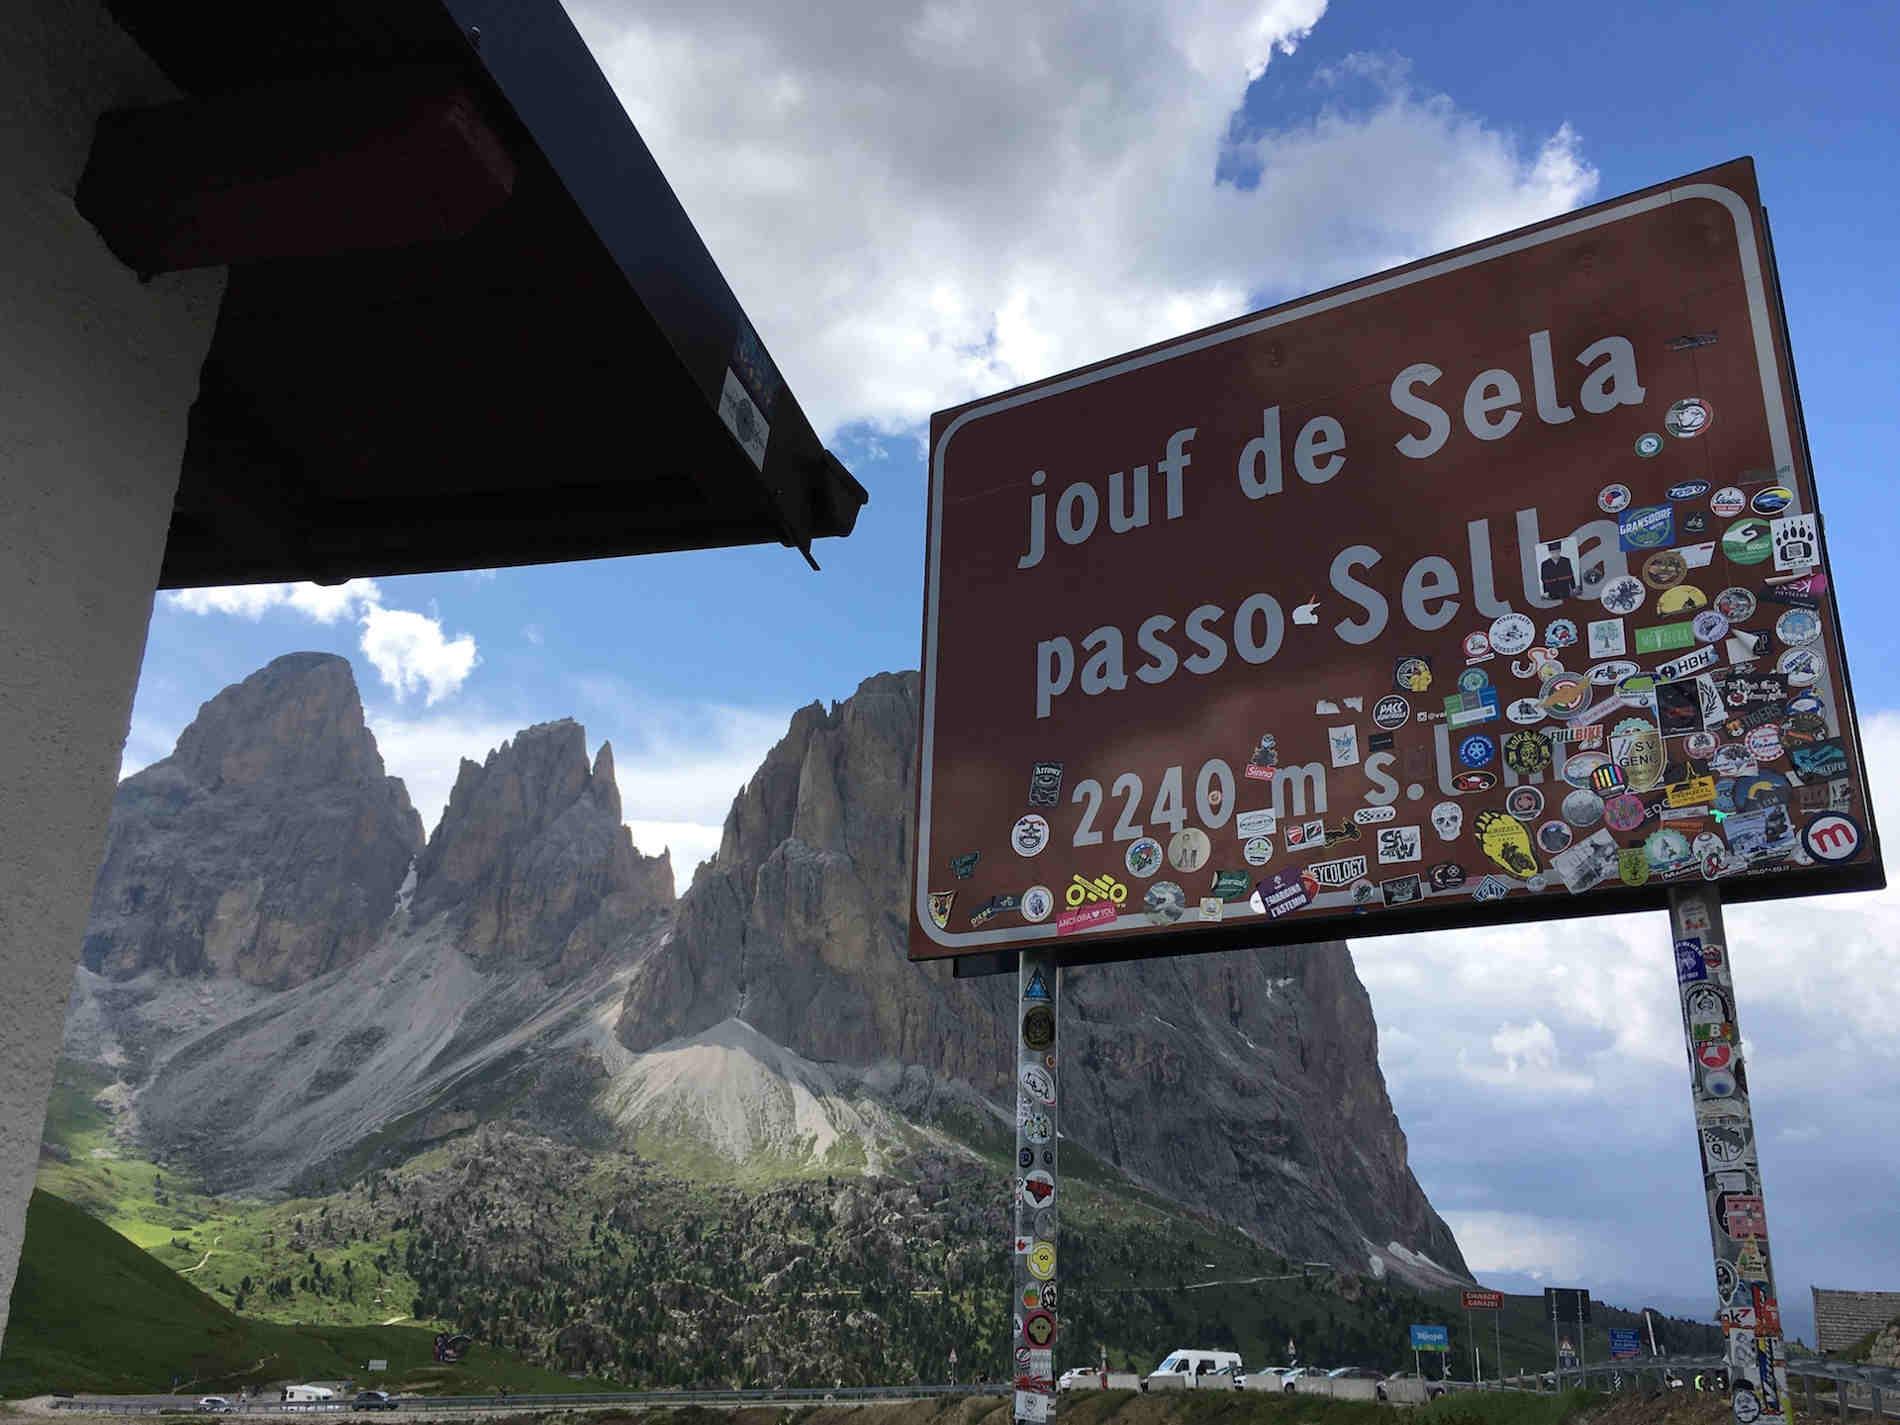 Il passo Sella sulle Dolomiti Trentine